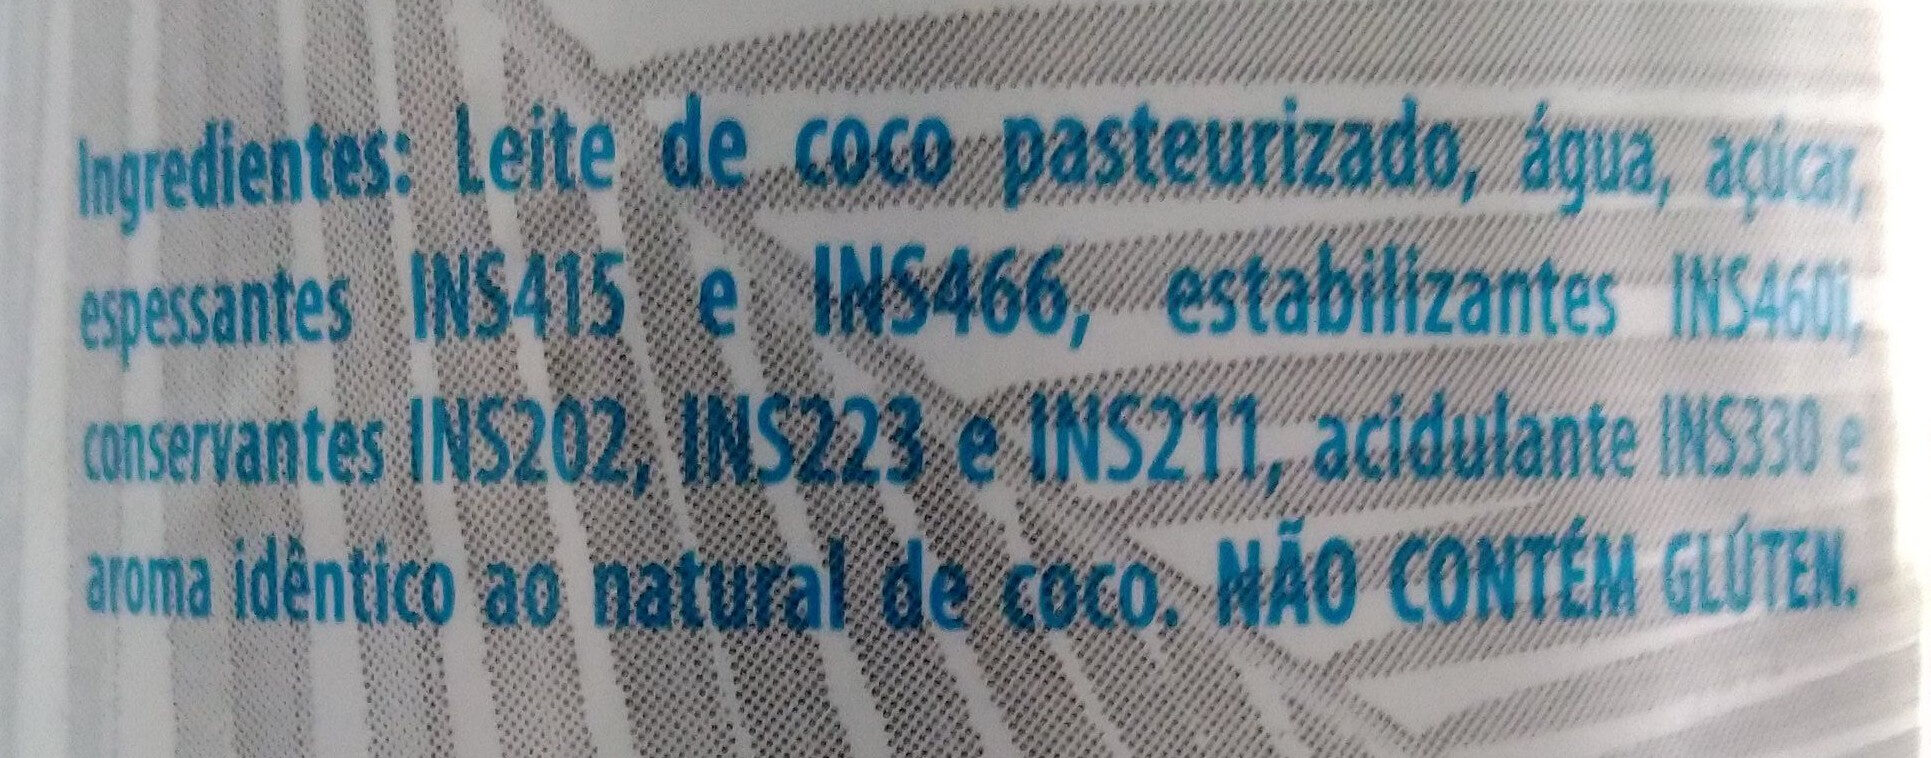 Leite de coco light - Ingredientes - pt